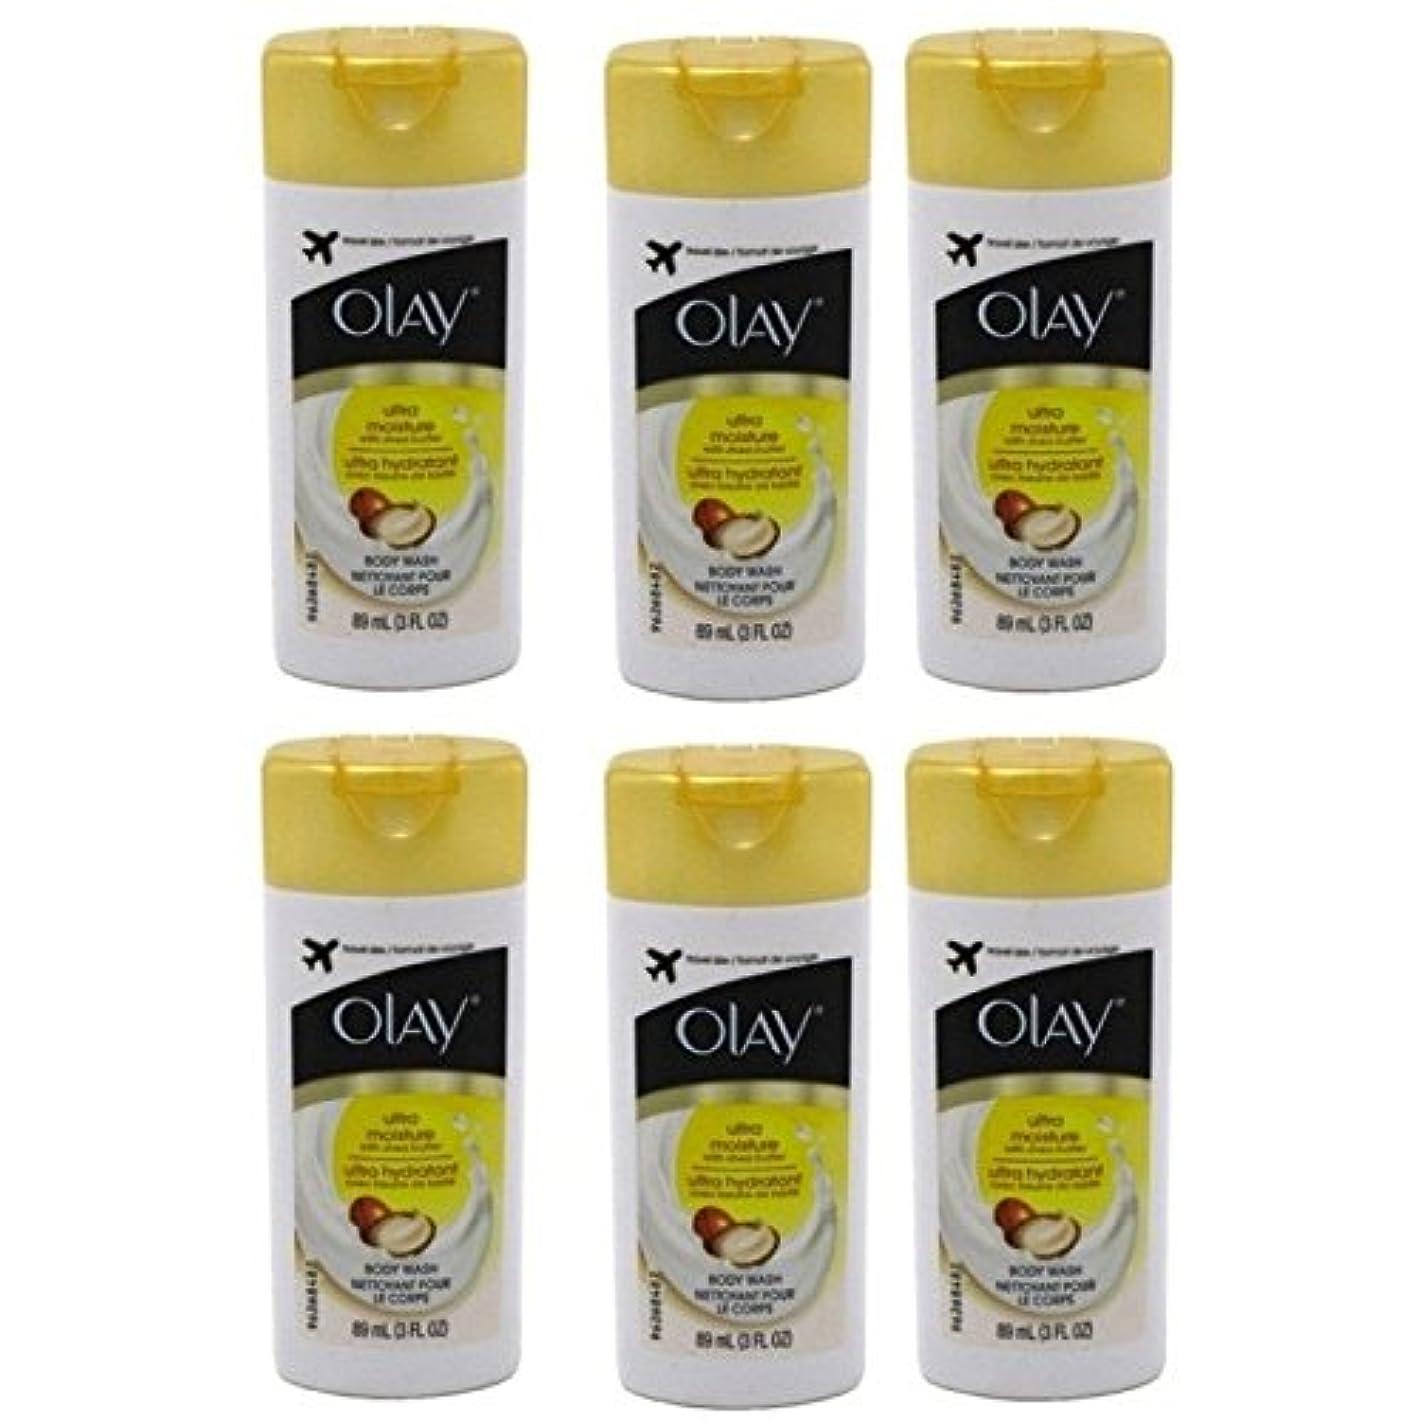 ベーリング海峡相手方程式Olay Ultra Moisture Body Wash 3oz Travel Size by Olay